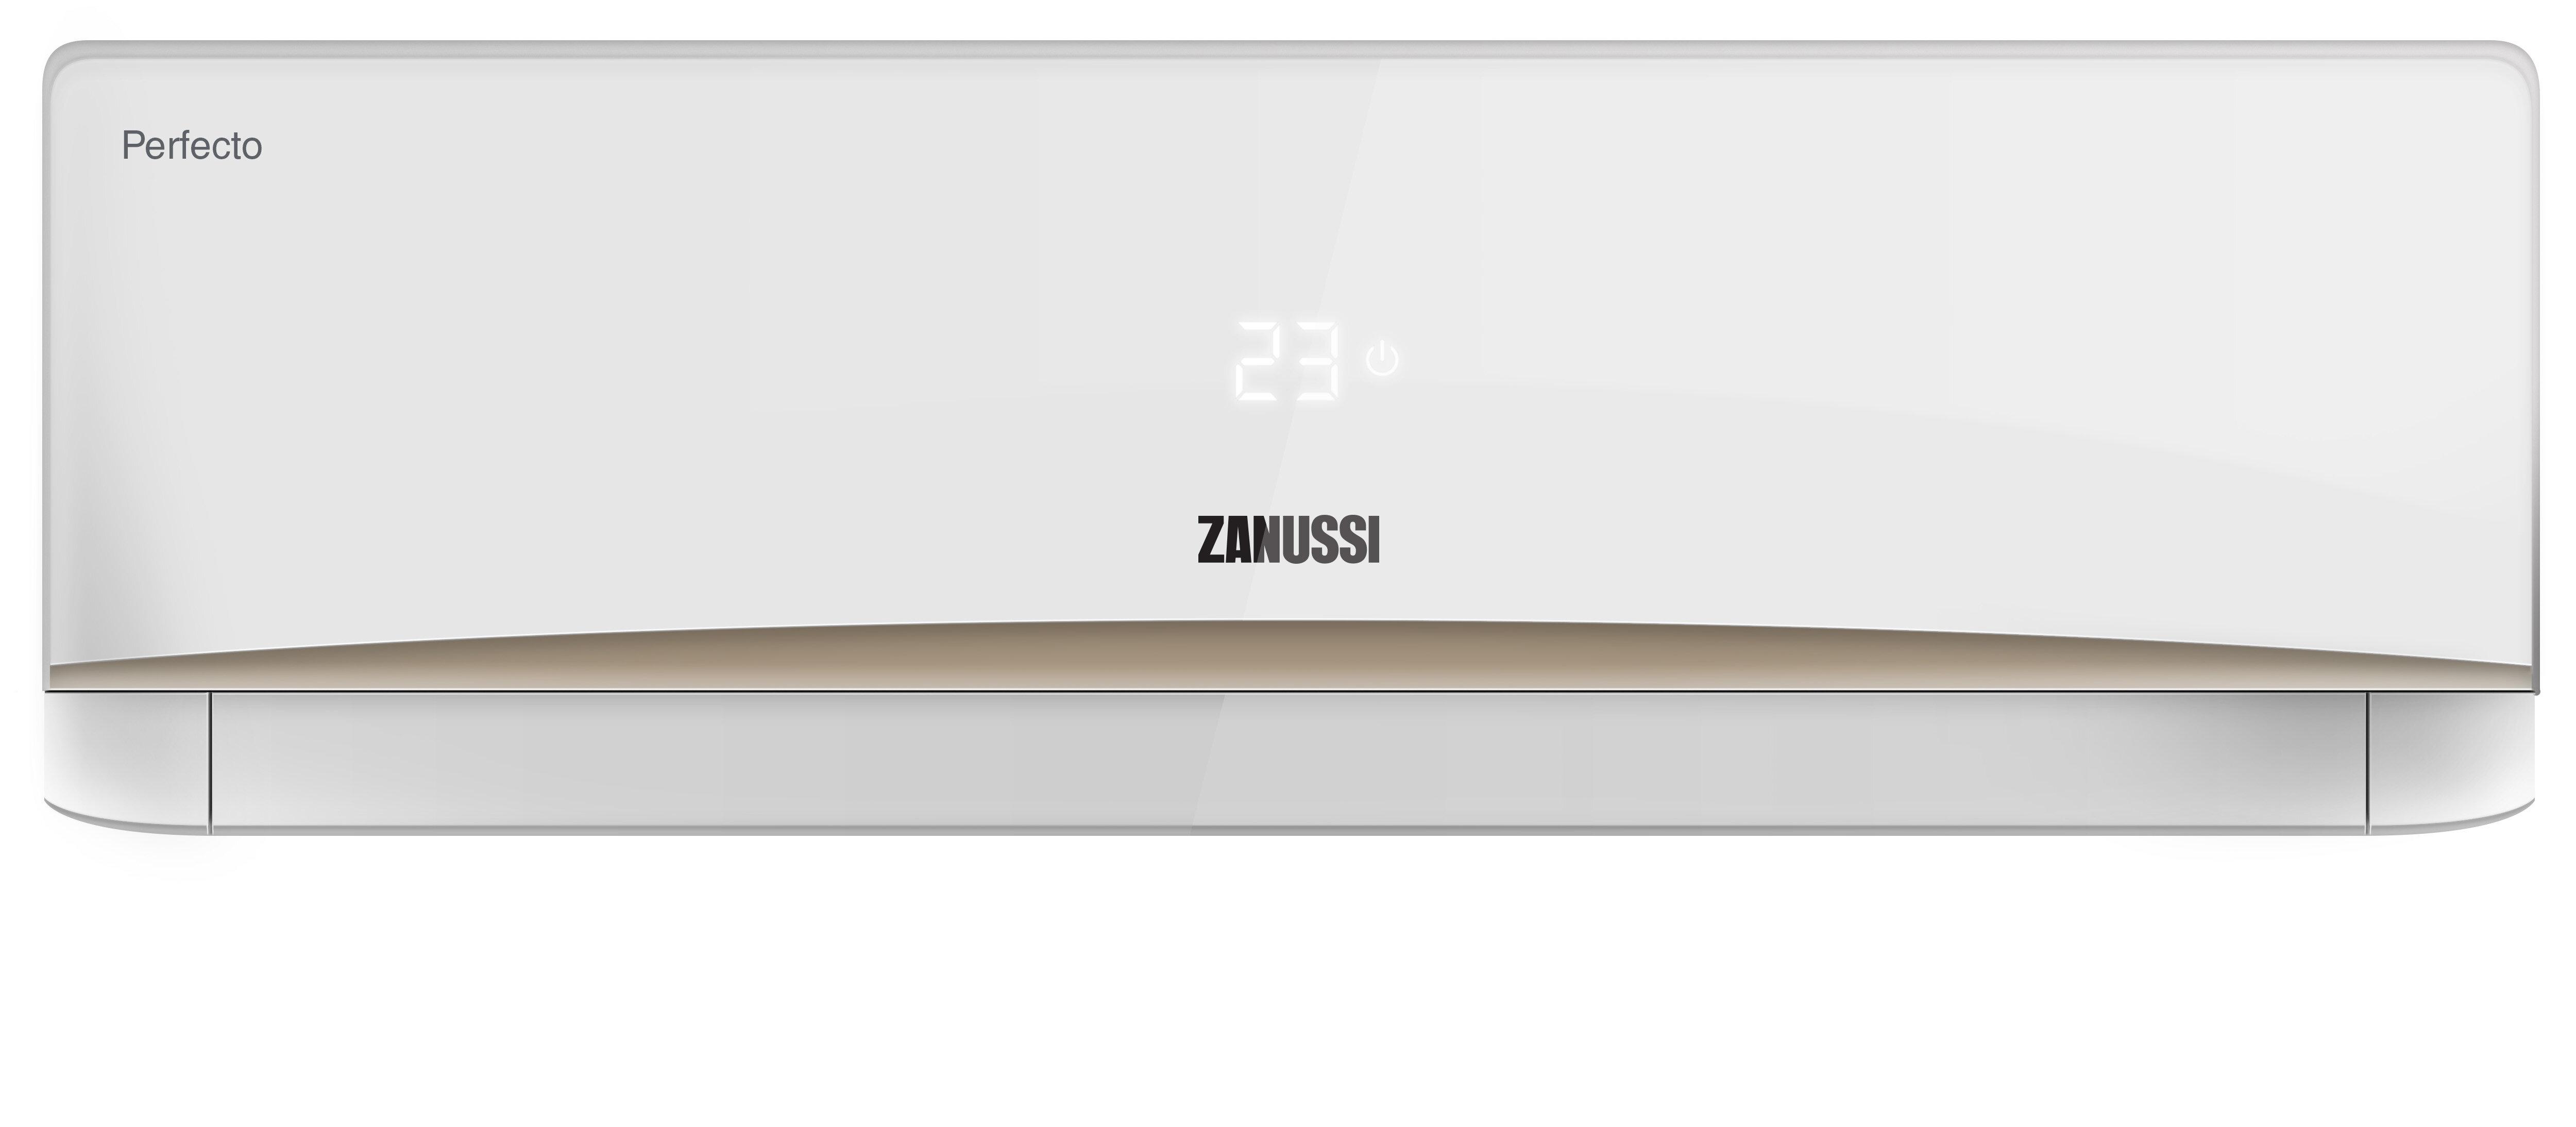 Кондиционер Zanussi ZACS-07-HPF/A17/N1